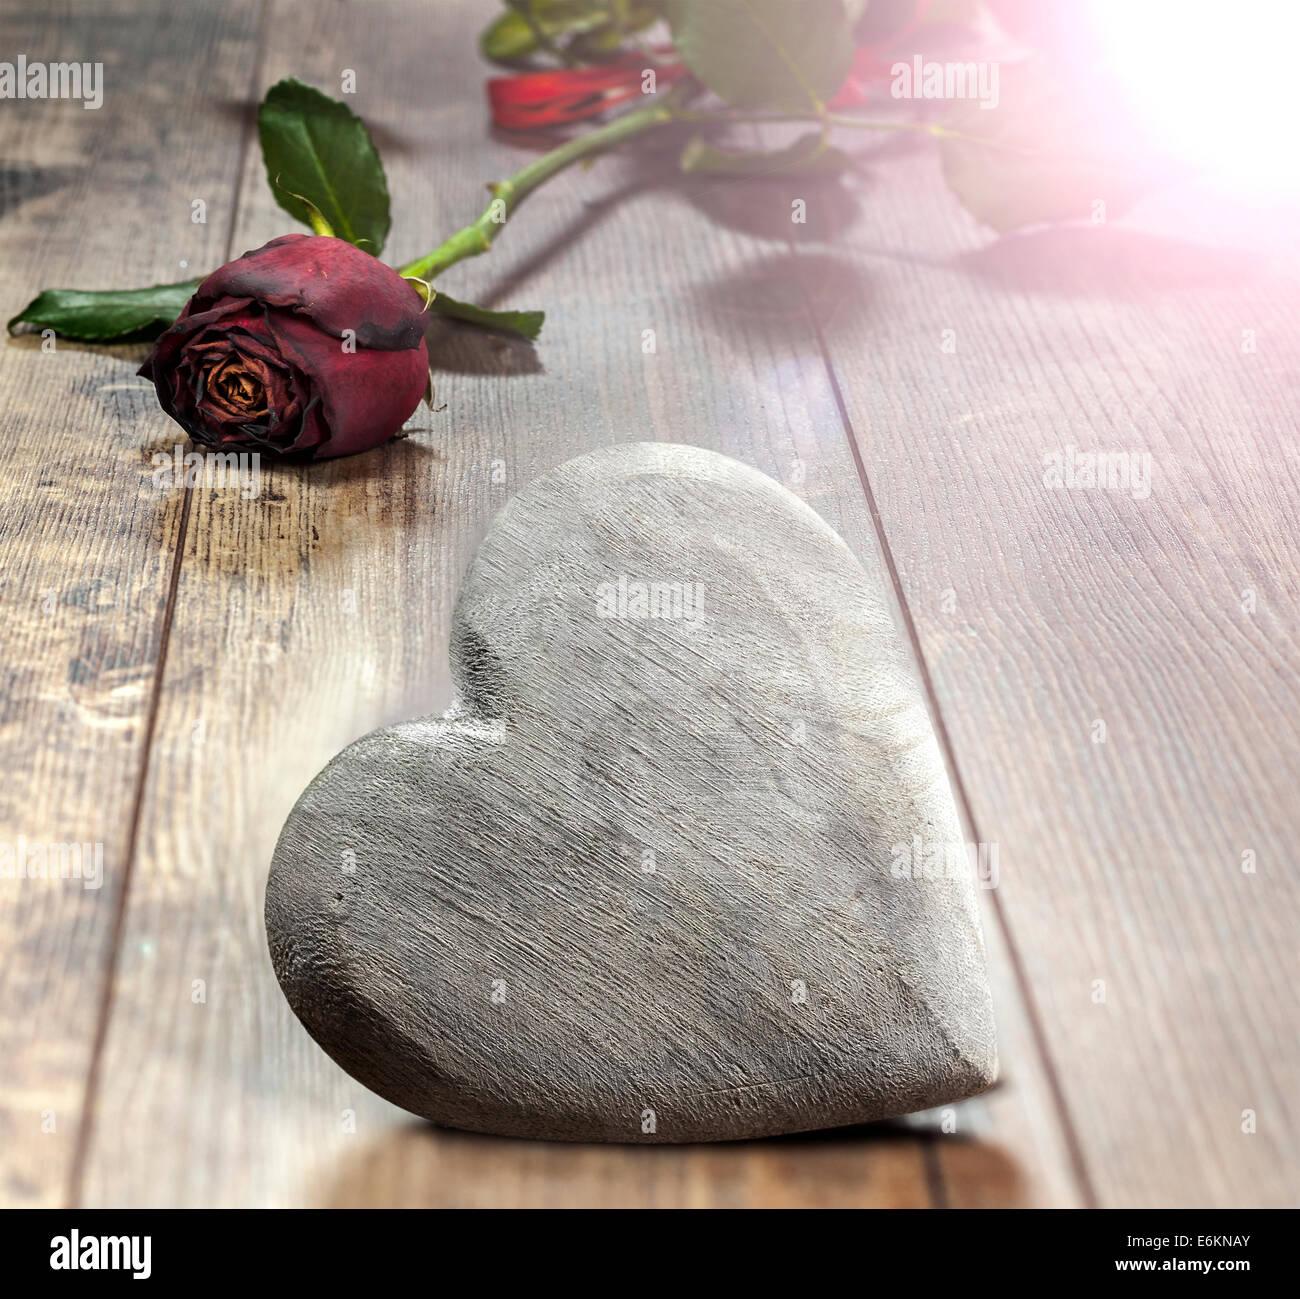 Símbolo del día de San Valentín. Corazón sobre un fondo de madera con rosa roja. Imagen De Stock